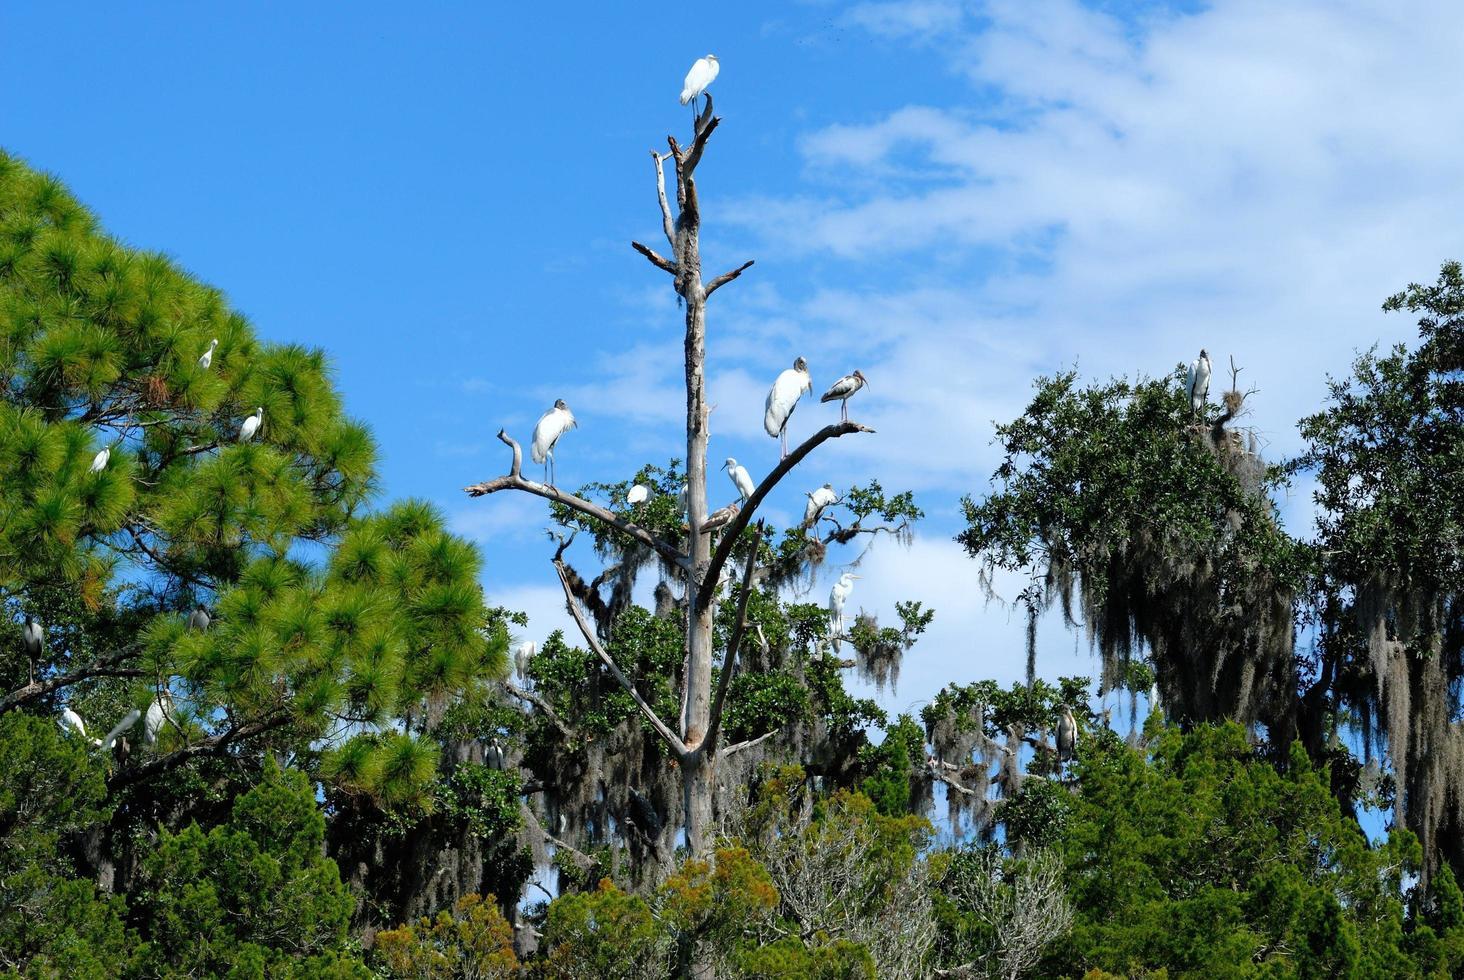 oiseaux tropicaux sur un arbre photo